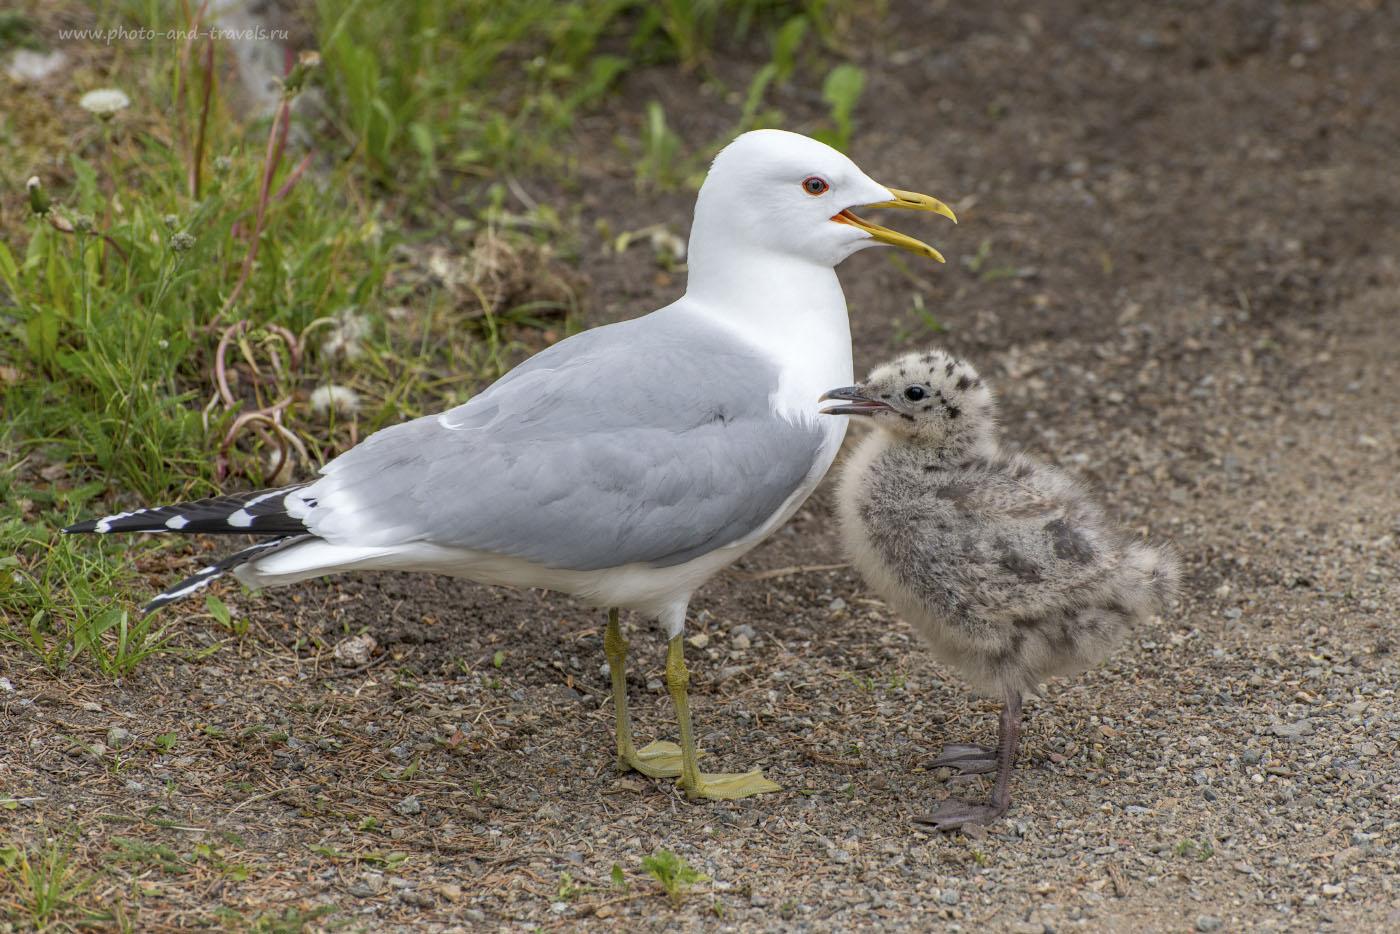 Фотография 7. Для фотоохоты на мелких птиц лучше подойдет режим «Групповая АФ». В камере Никон Д800 его нет, но и «Динамическая АФ» работает у нее отлично. 1/1400, 0.67, 8.0, 640, ФР=200 мм.